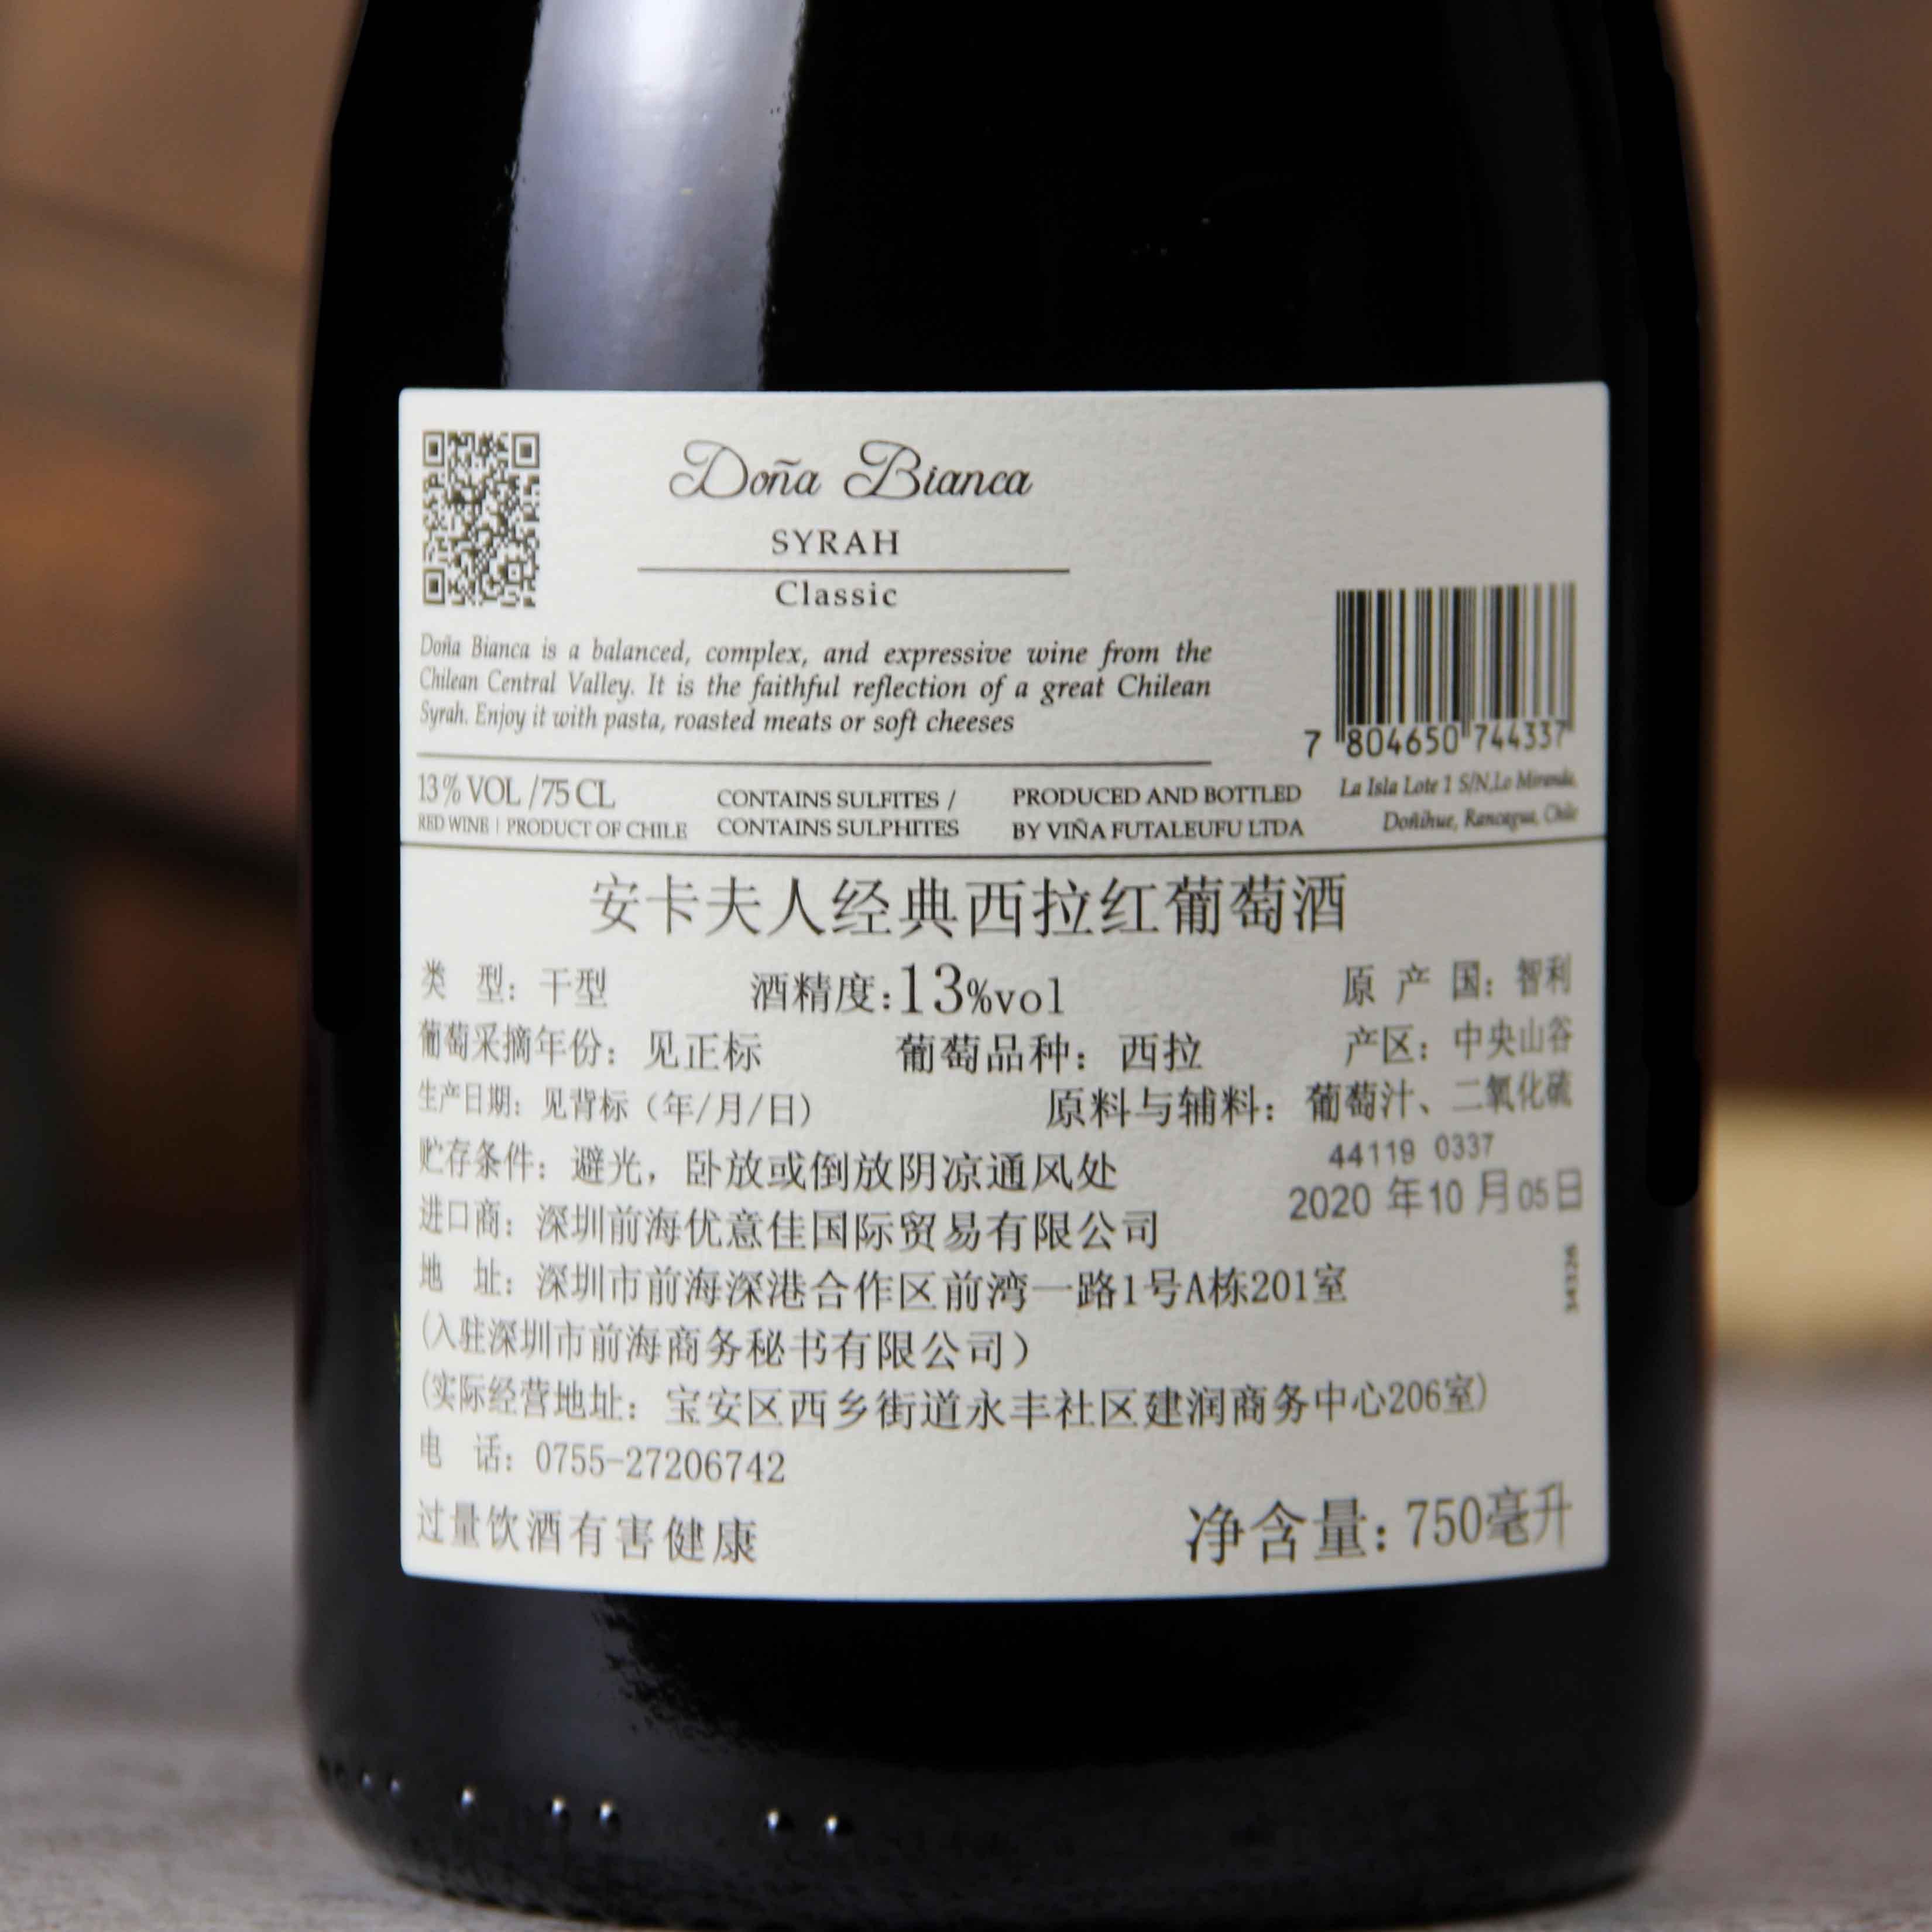 智利中央山谷DonaBianca酒庄安卡夫人西拉经典干红葡萄酒